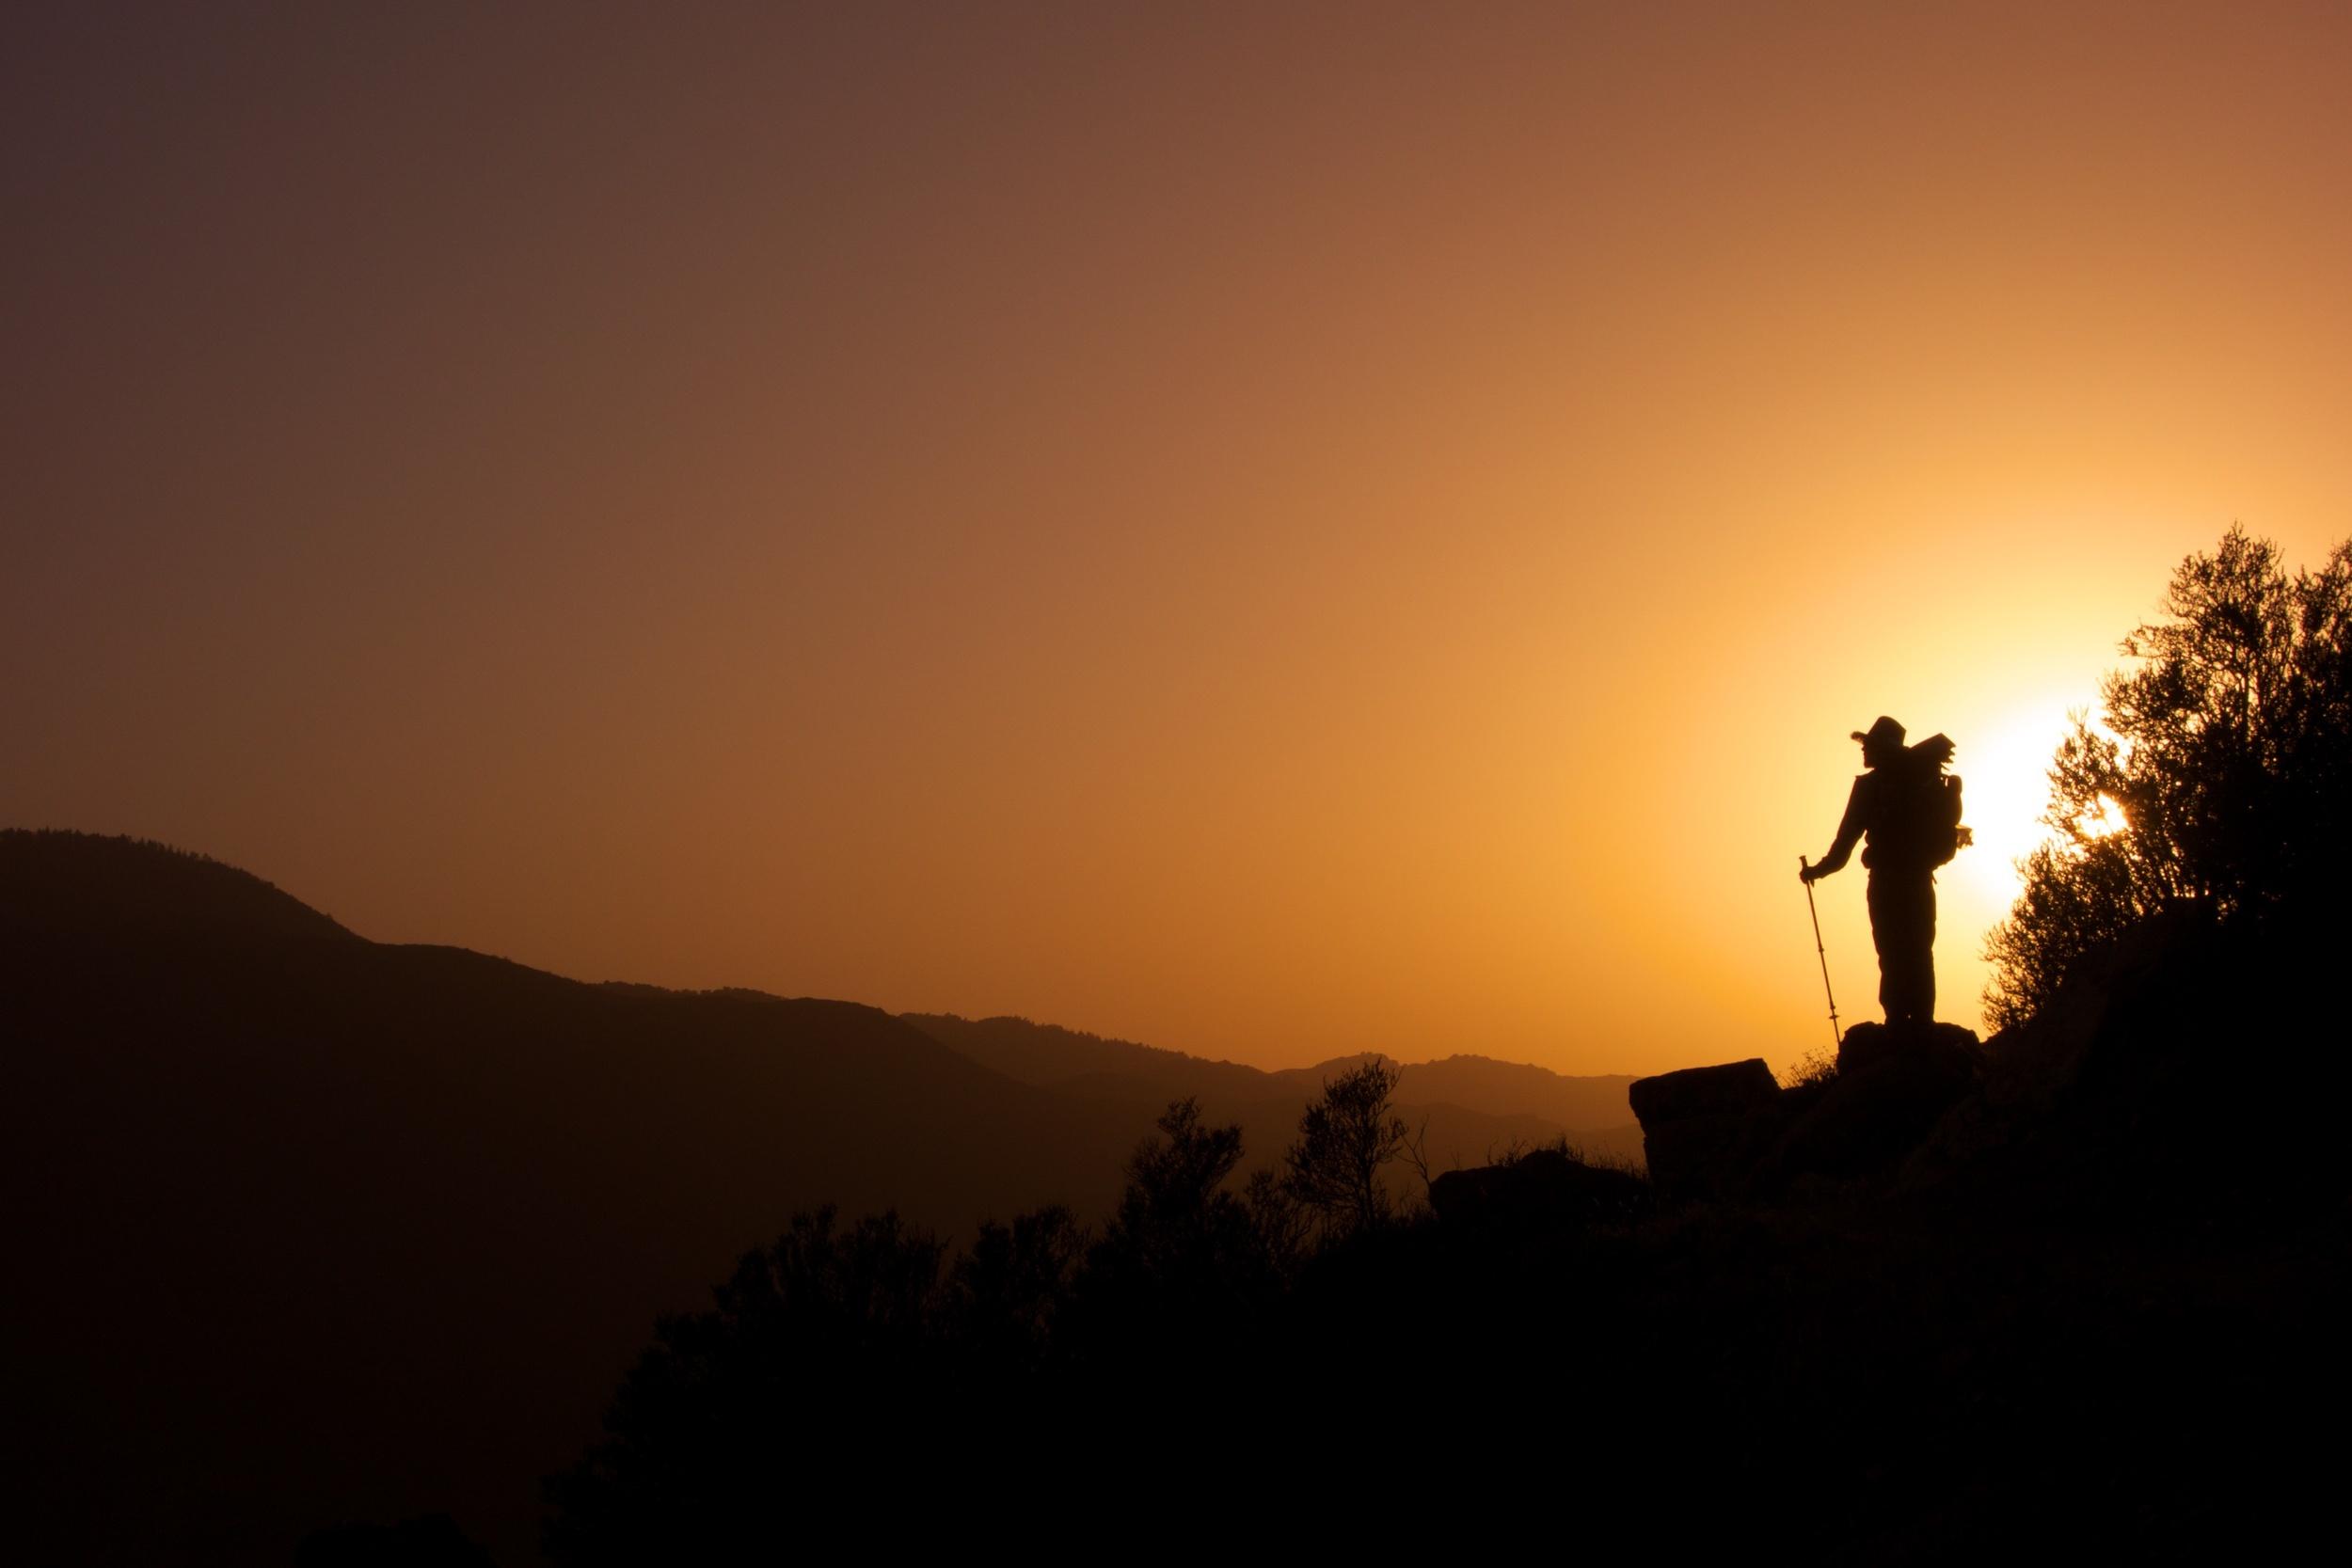 The Thru-hiker